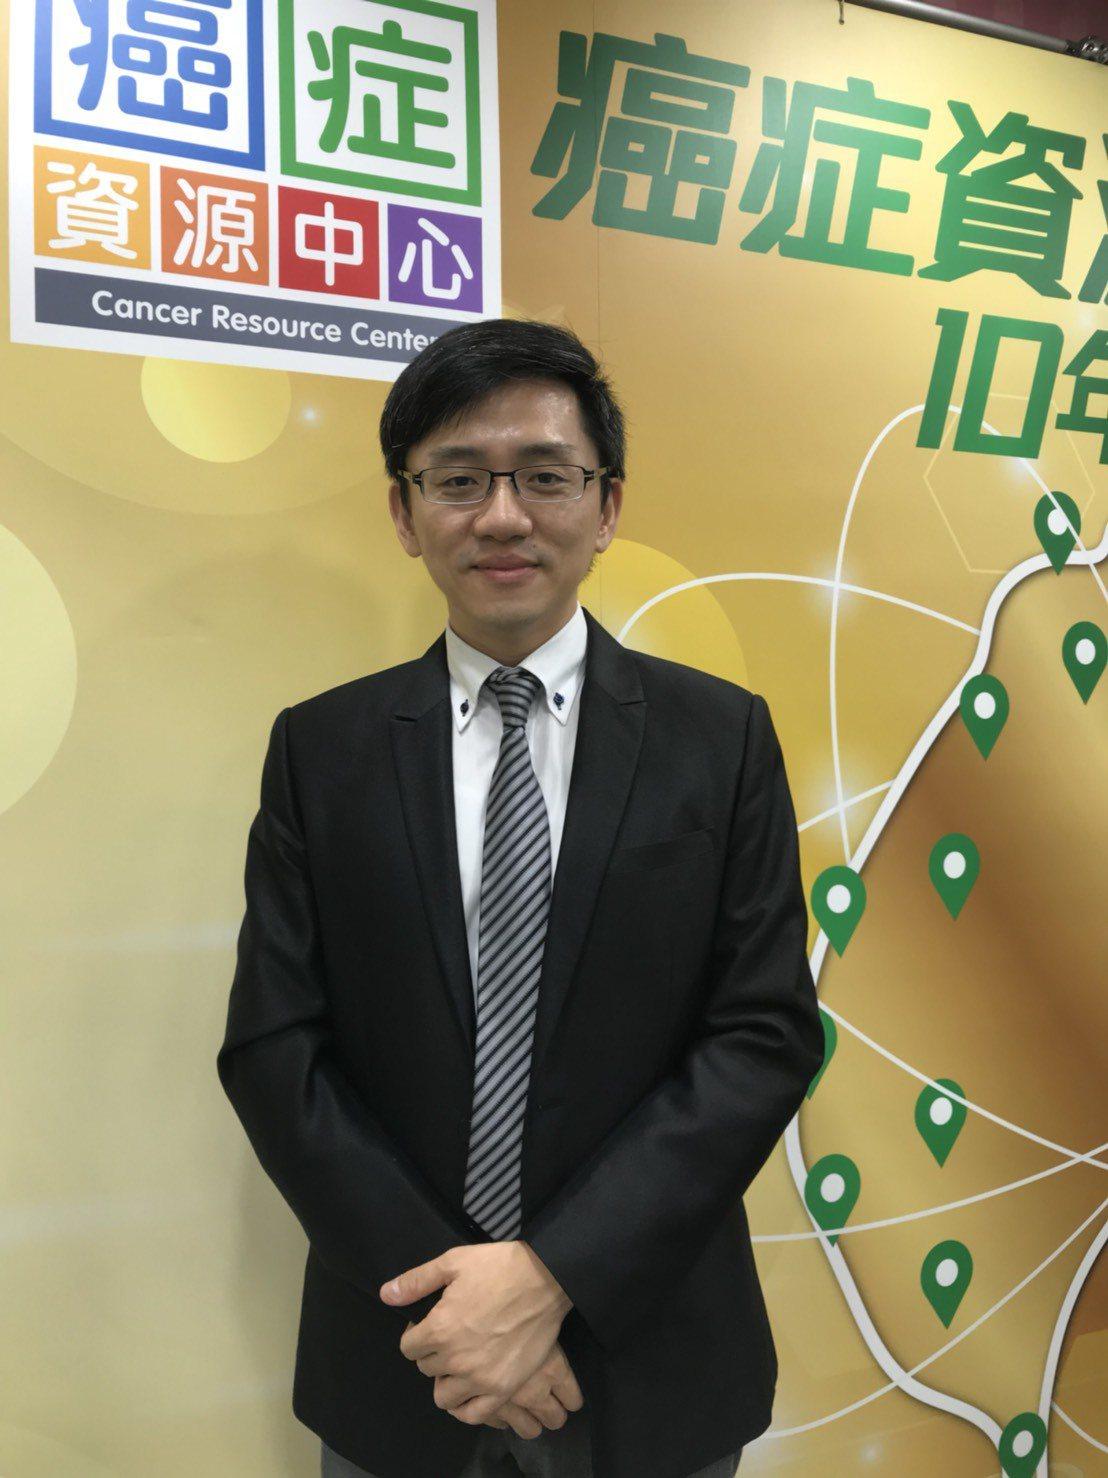 童綜合醫院癌症中心主任蔡慶宏表示,醫院因位於台中梧棲、沙鹿海線地區,能掌握的社會...